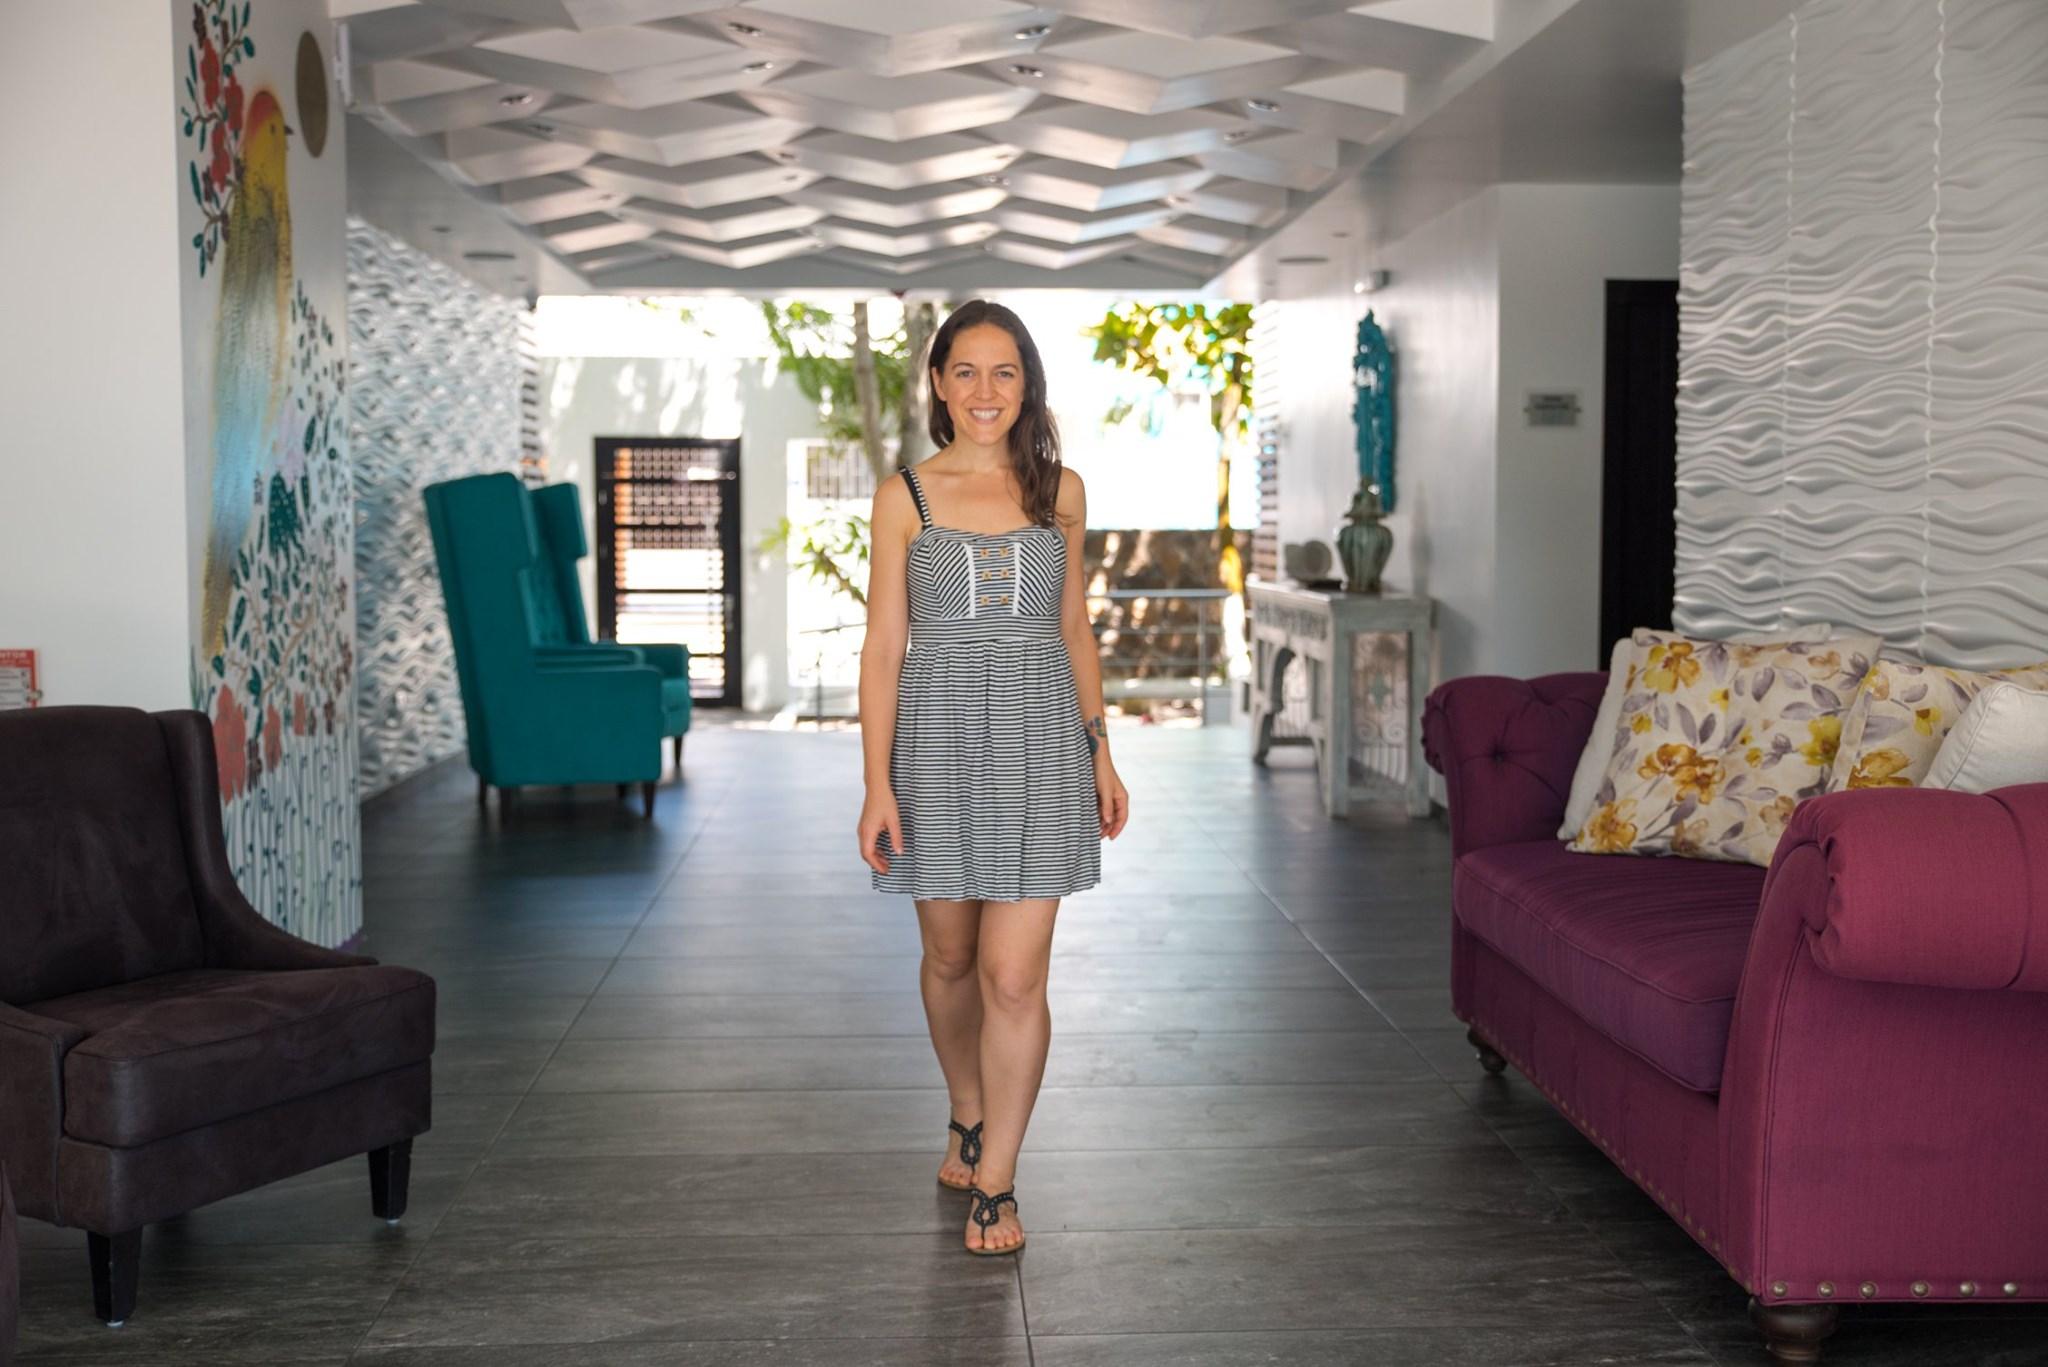 Jessie Festa walking in hotel in Panama